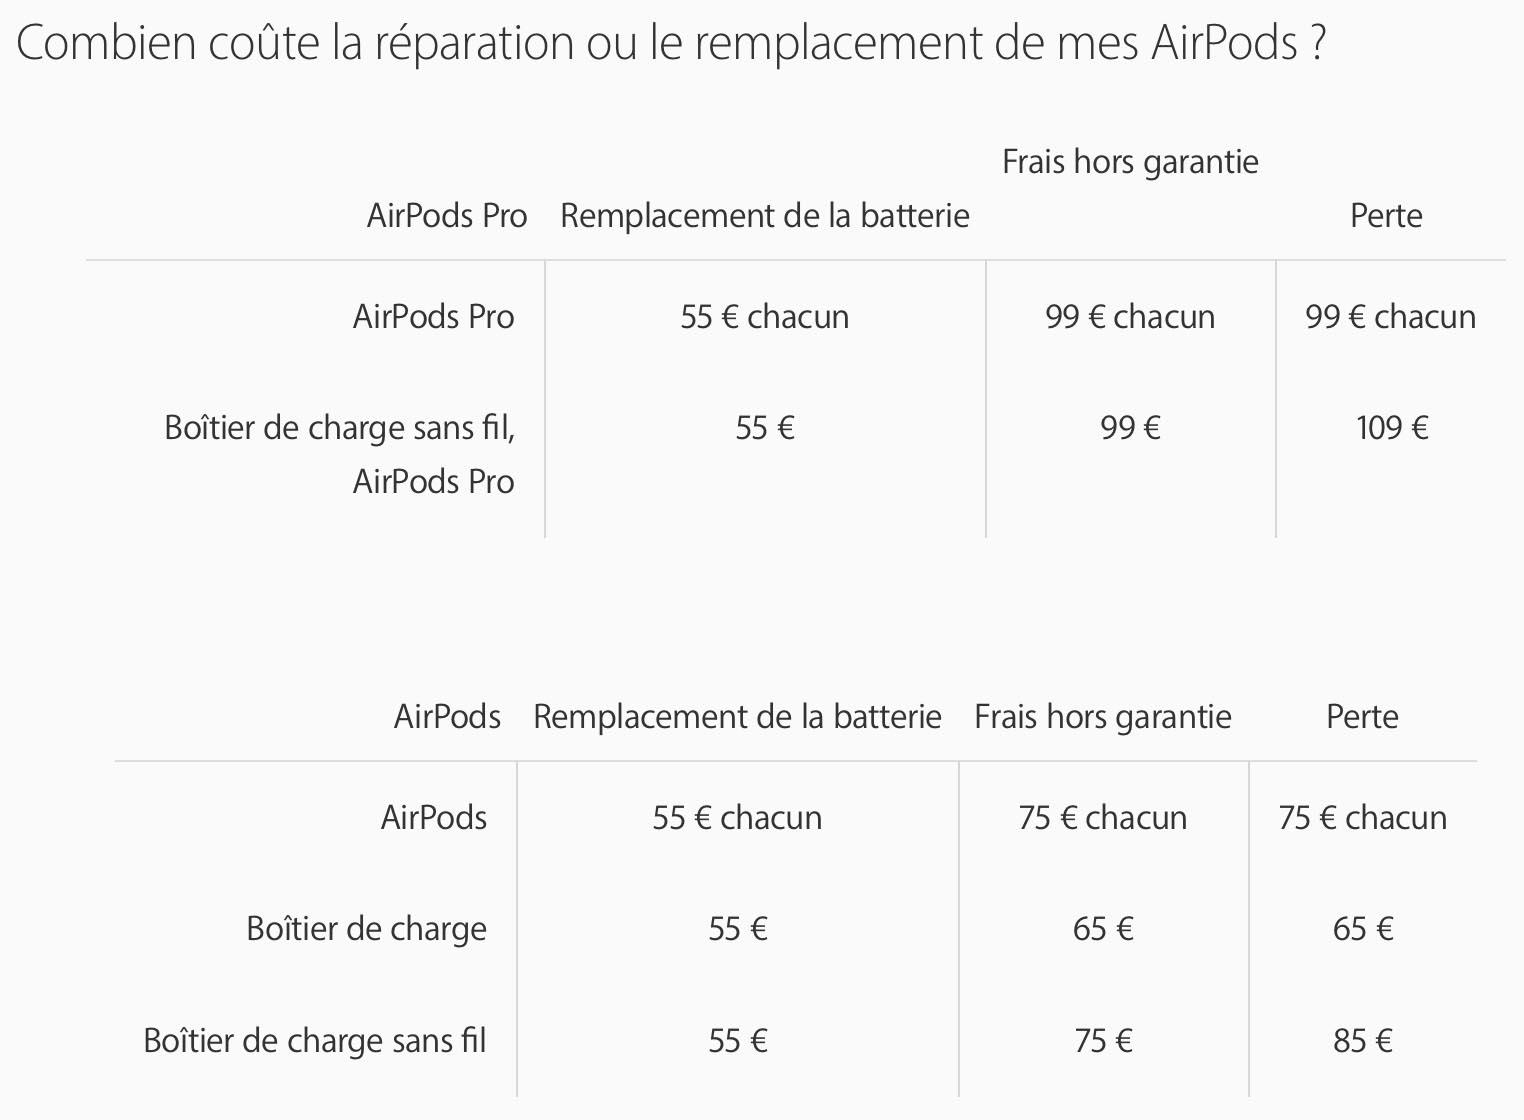 Frais réparation AirPods Pro